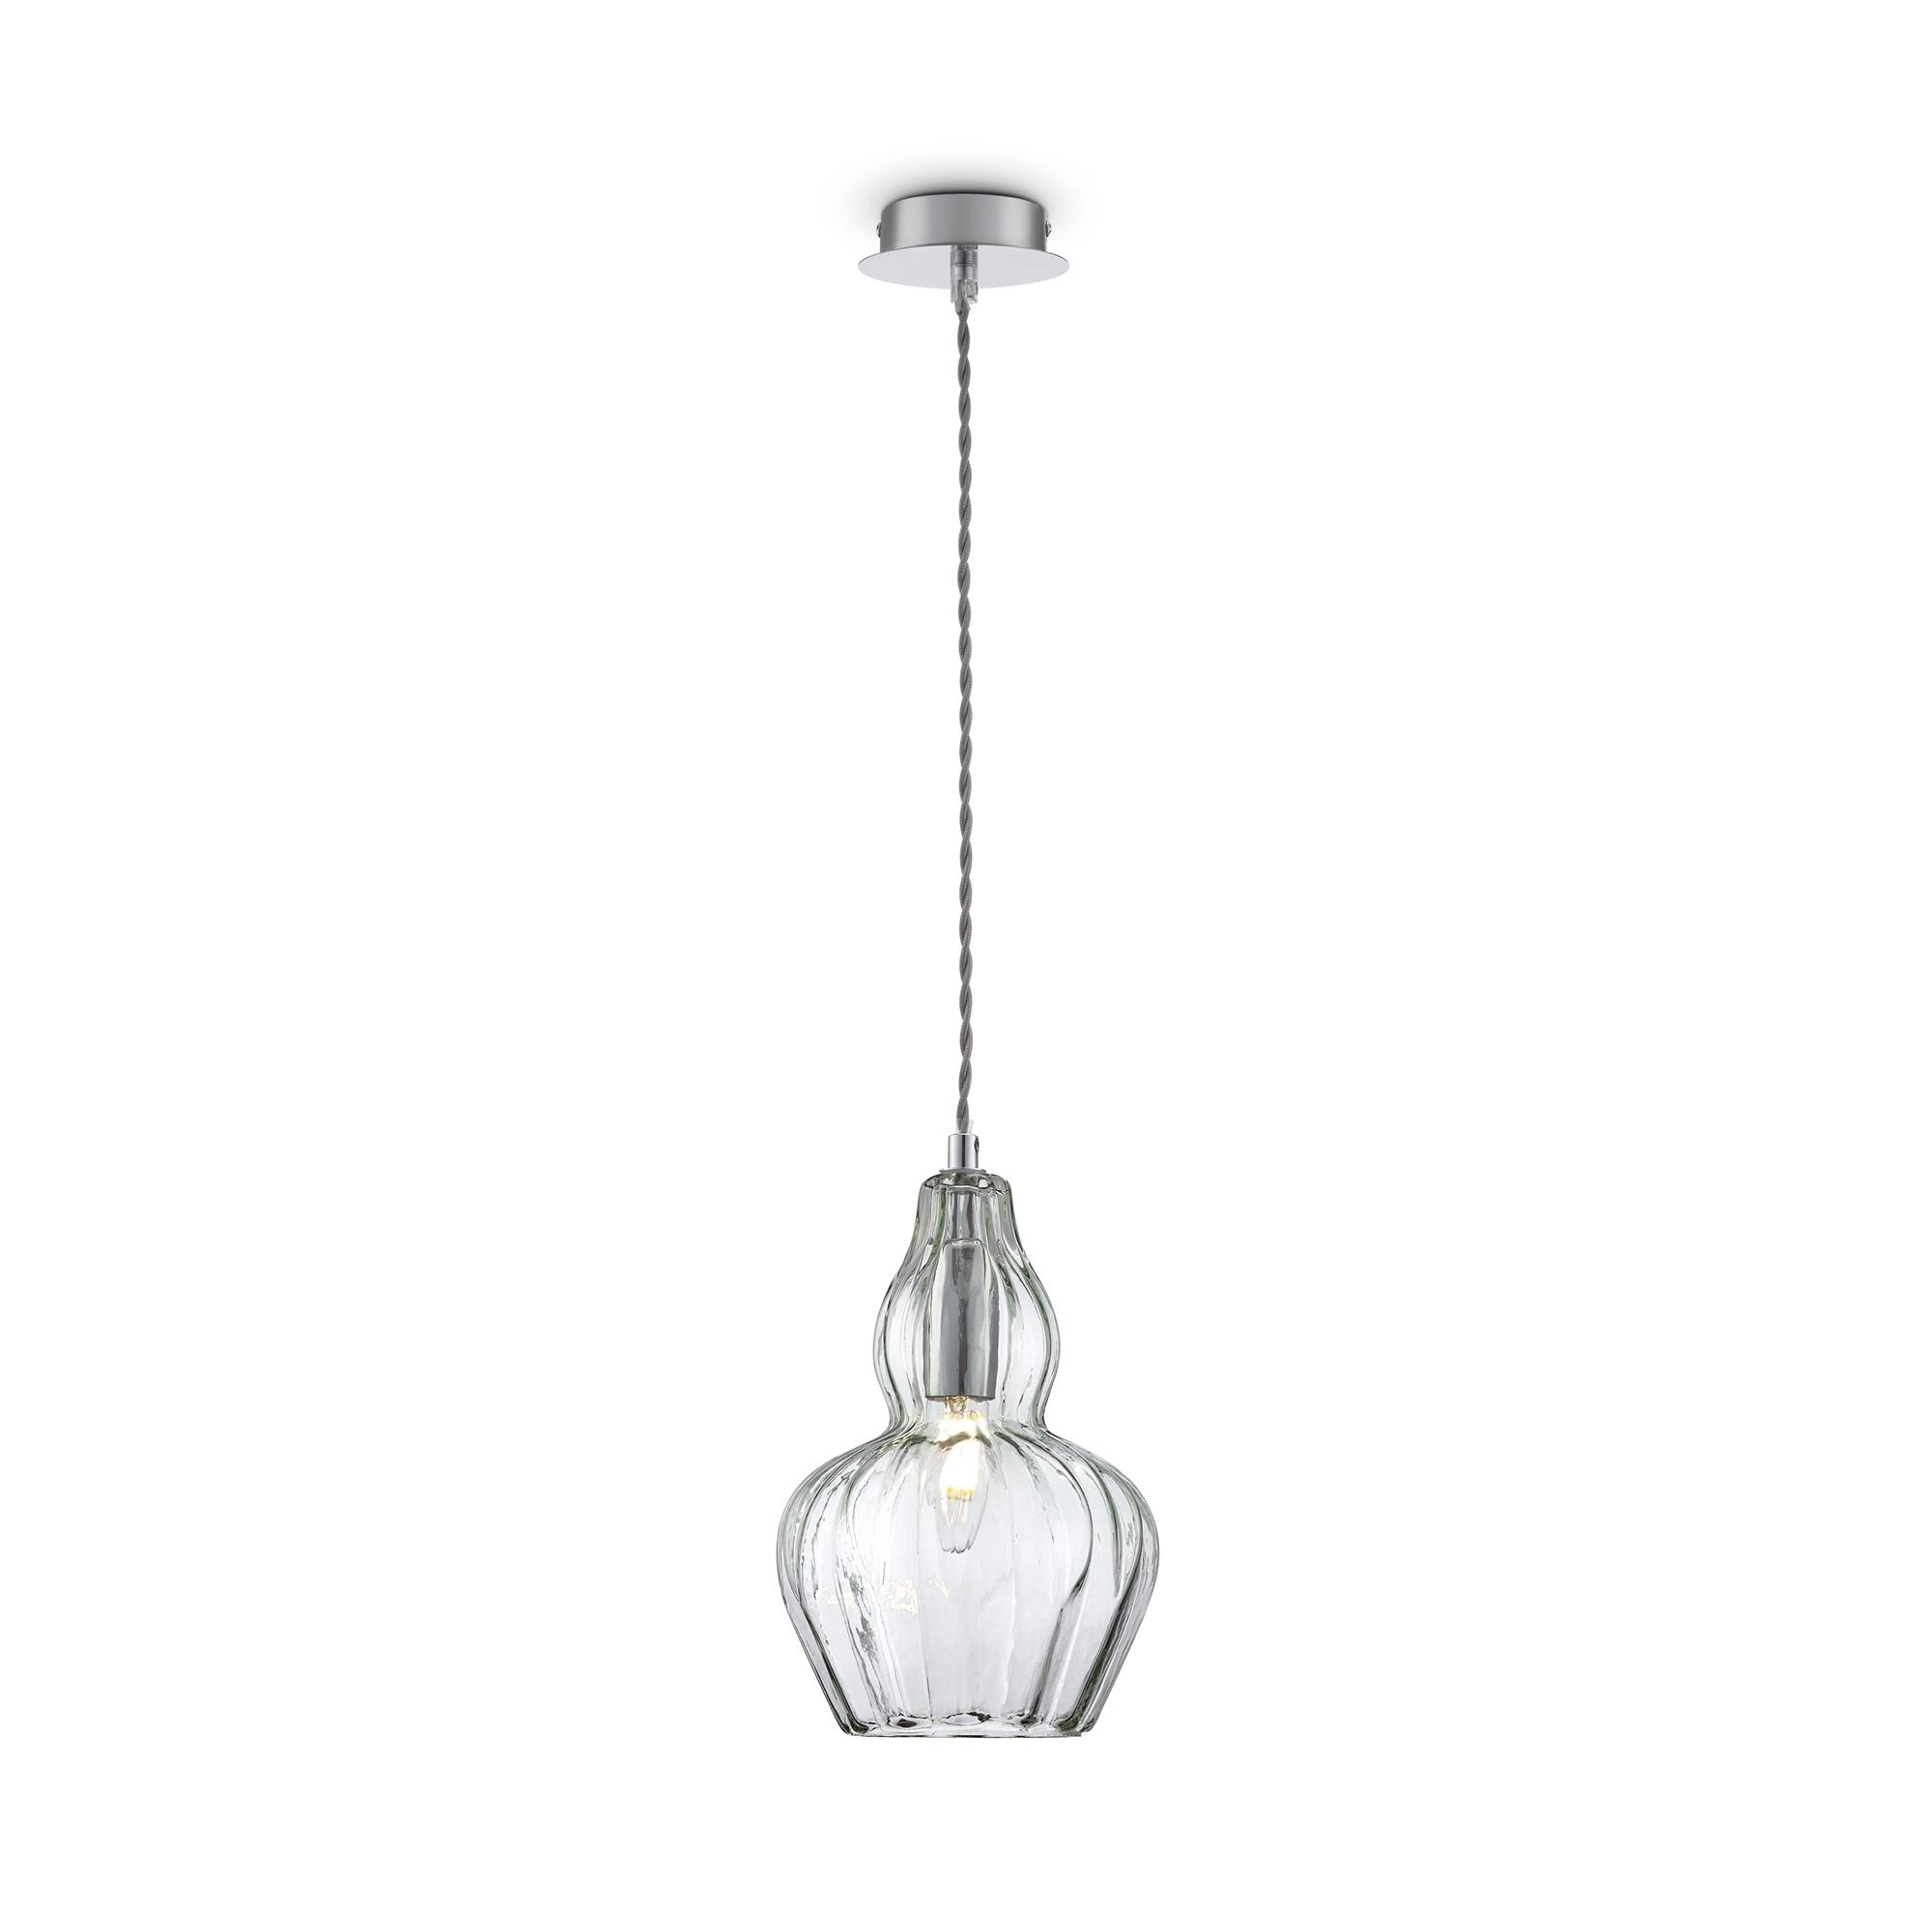 Подвесной светильник Maytoni Eustoma MOD238-PL-01-GN, 1xE14x40W, никель, зеленый, металл, стекло - фото 2